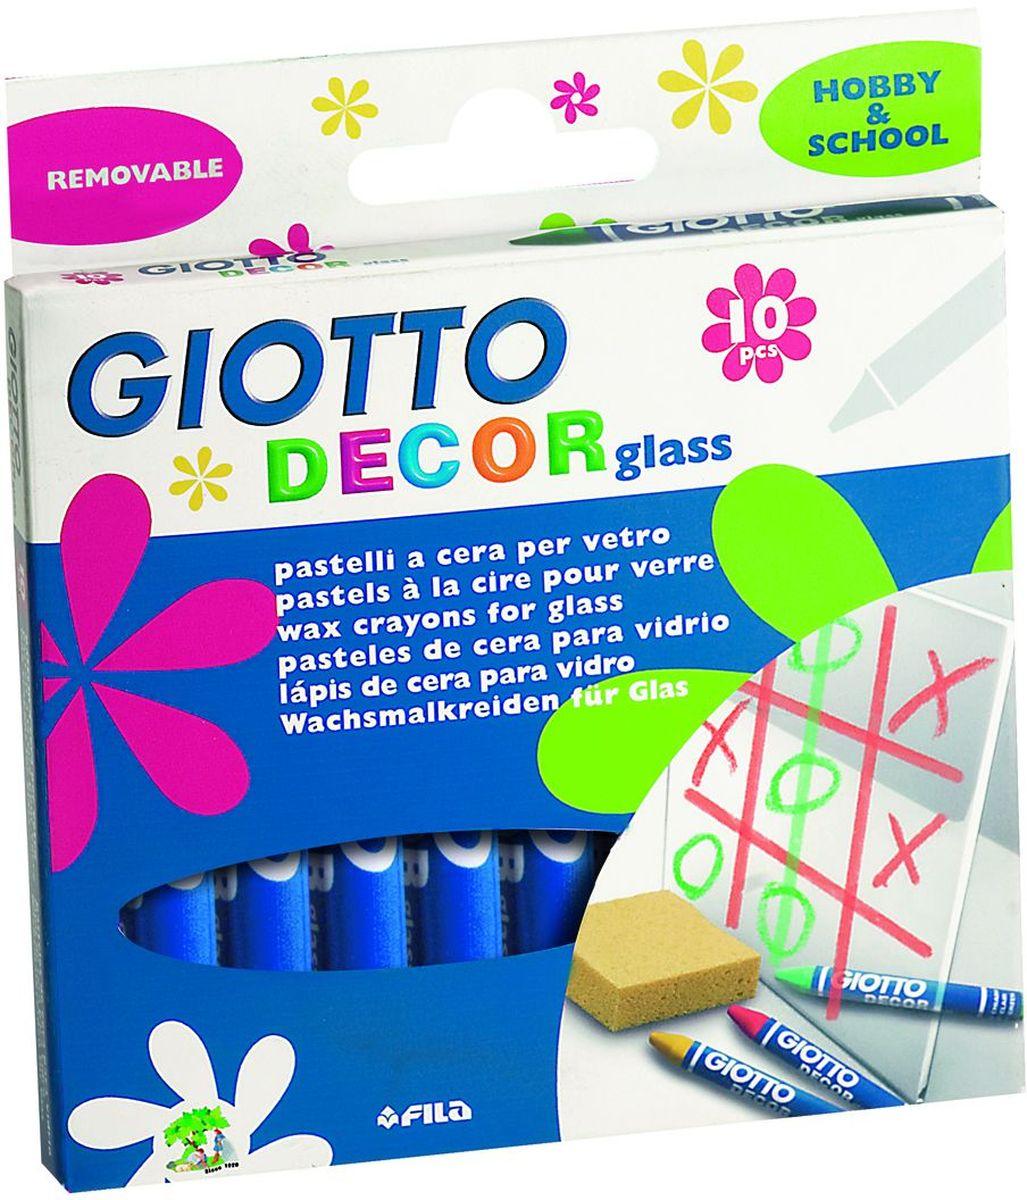 Giotto Набор восковых карандашей Decor Glass 10 штFS-36054Набор восковых карандашей Giotto Decor Glass создан специально для декорирования стекол и зеркал. Карандаши идеальны для тематического оформления к празднику, а также для хобби и игр. Все цвета легко стираются тряпкой, даже если они были нанесены долгое время назад.Легко отстирываются от одежды и отмываются от рук. В наборе 10 восковых карандашей. Каждый мелок упакован в индивидуальную бумажную рубашку. Длина - 90 мм, диаметр 9,5 мм.